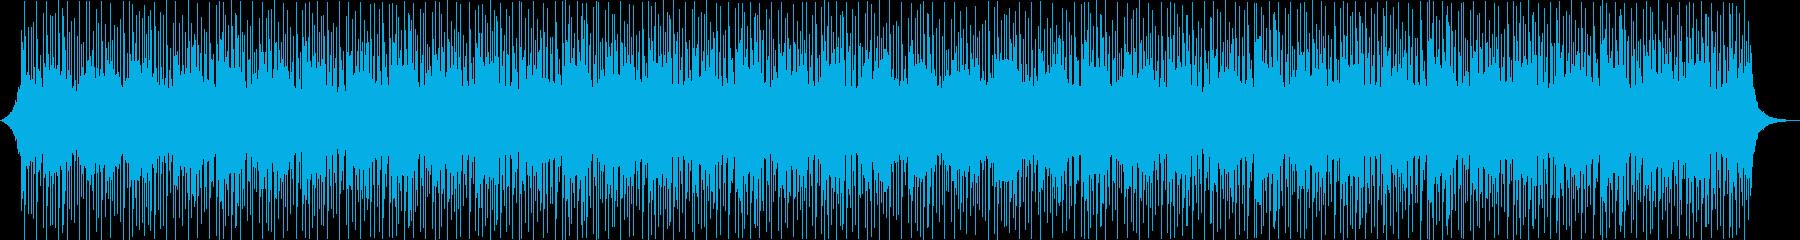 洋楽・海外・爽やか・ポップの再生済みの波形